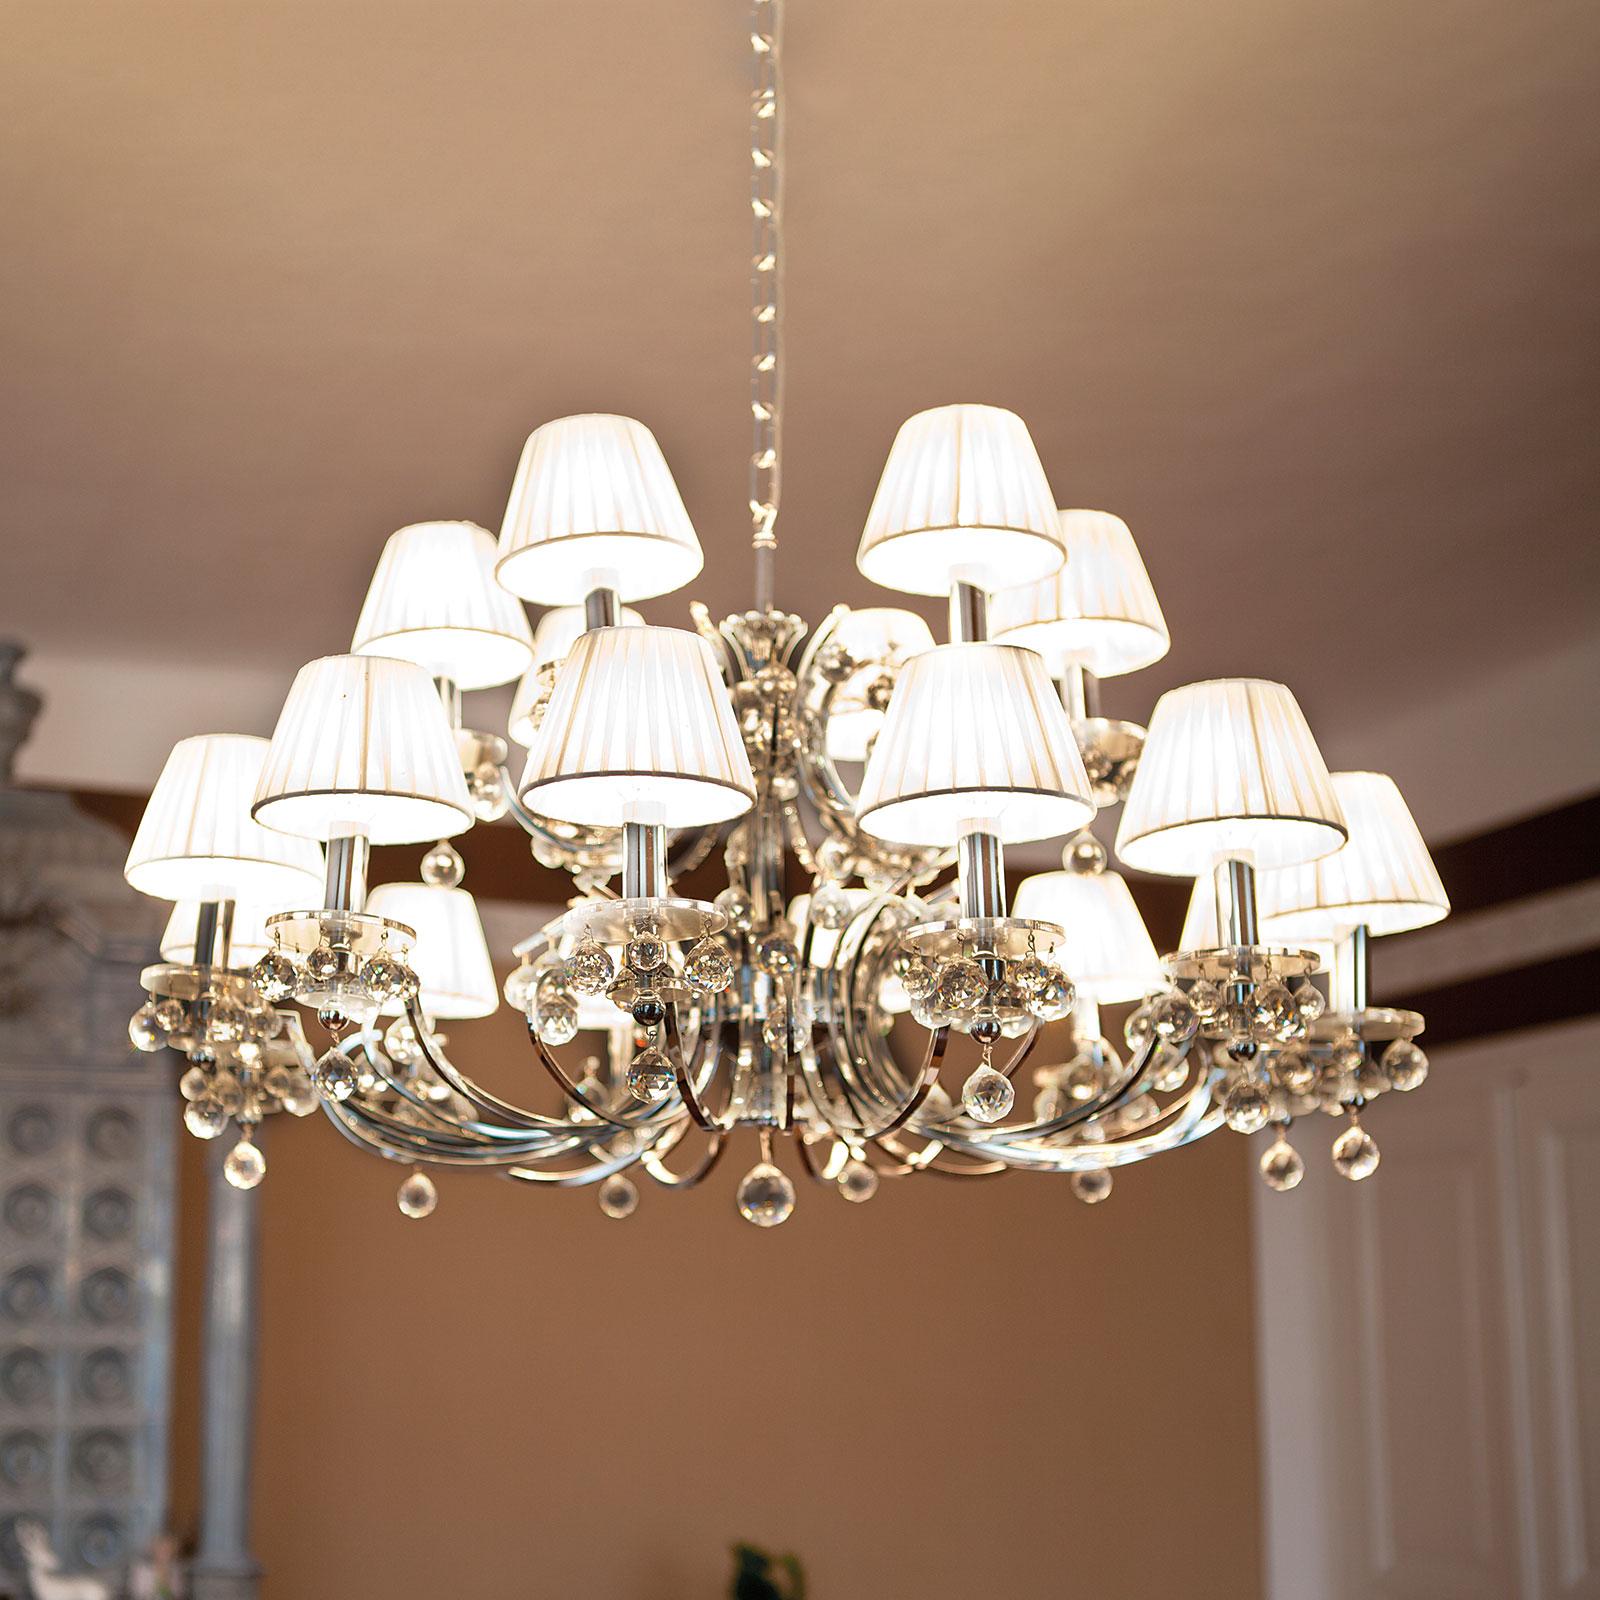 Lampadario Design di cristallo a otto luci cromo